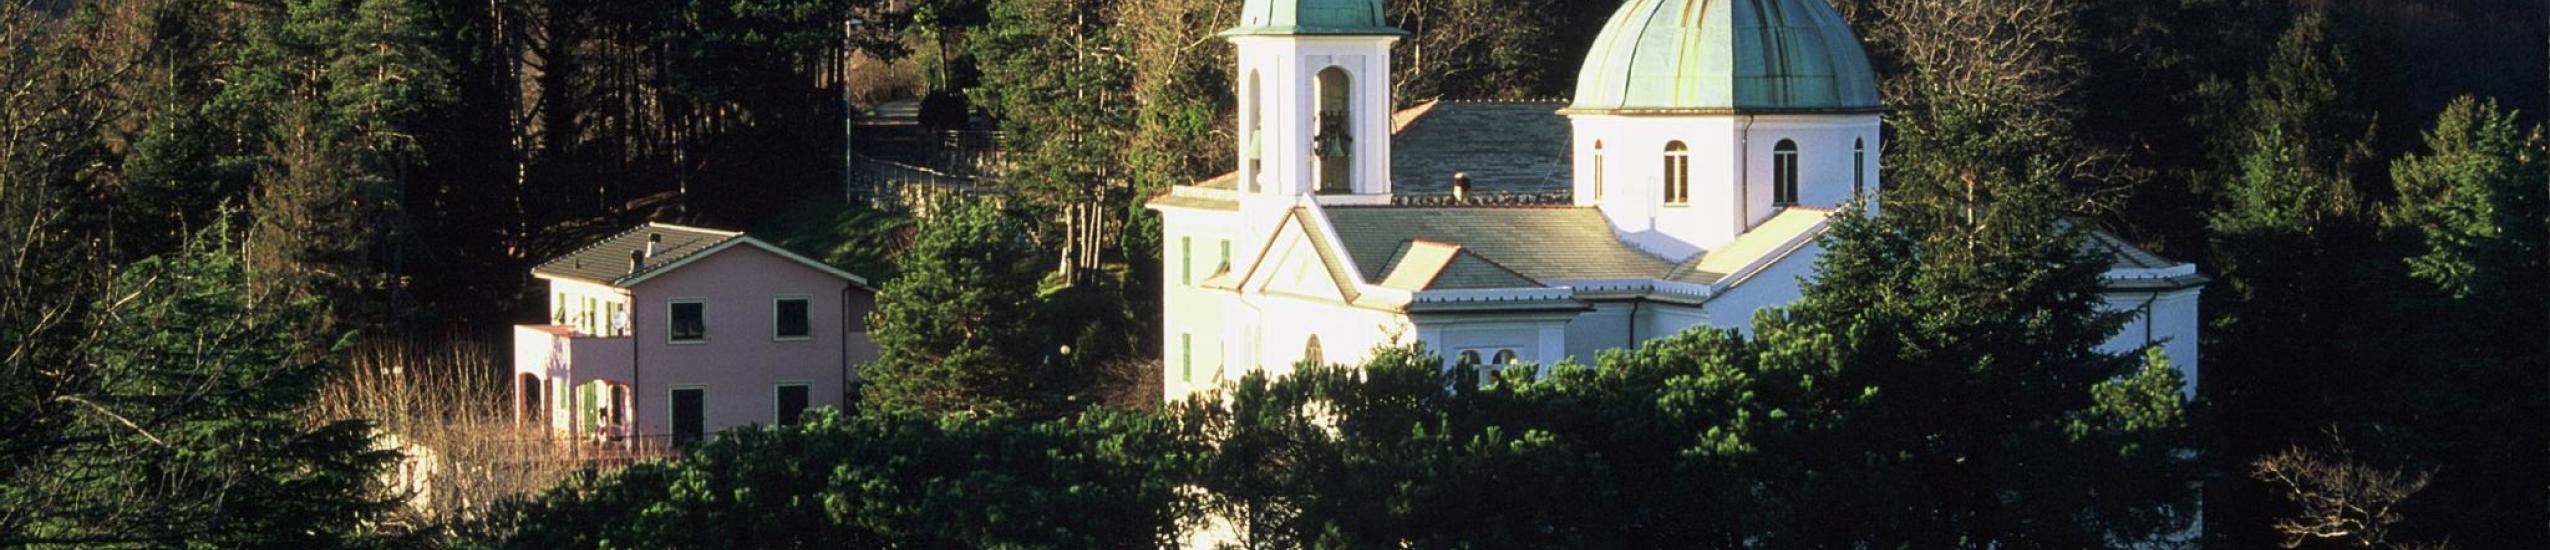 Frazione di Velva e Santuario di N.S. della guardia di velva